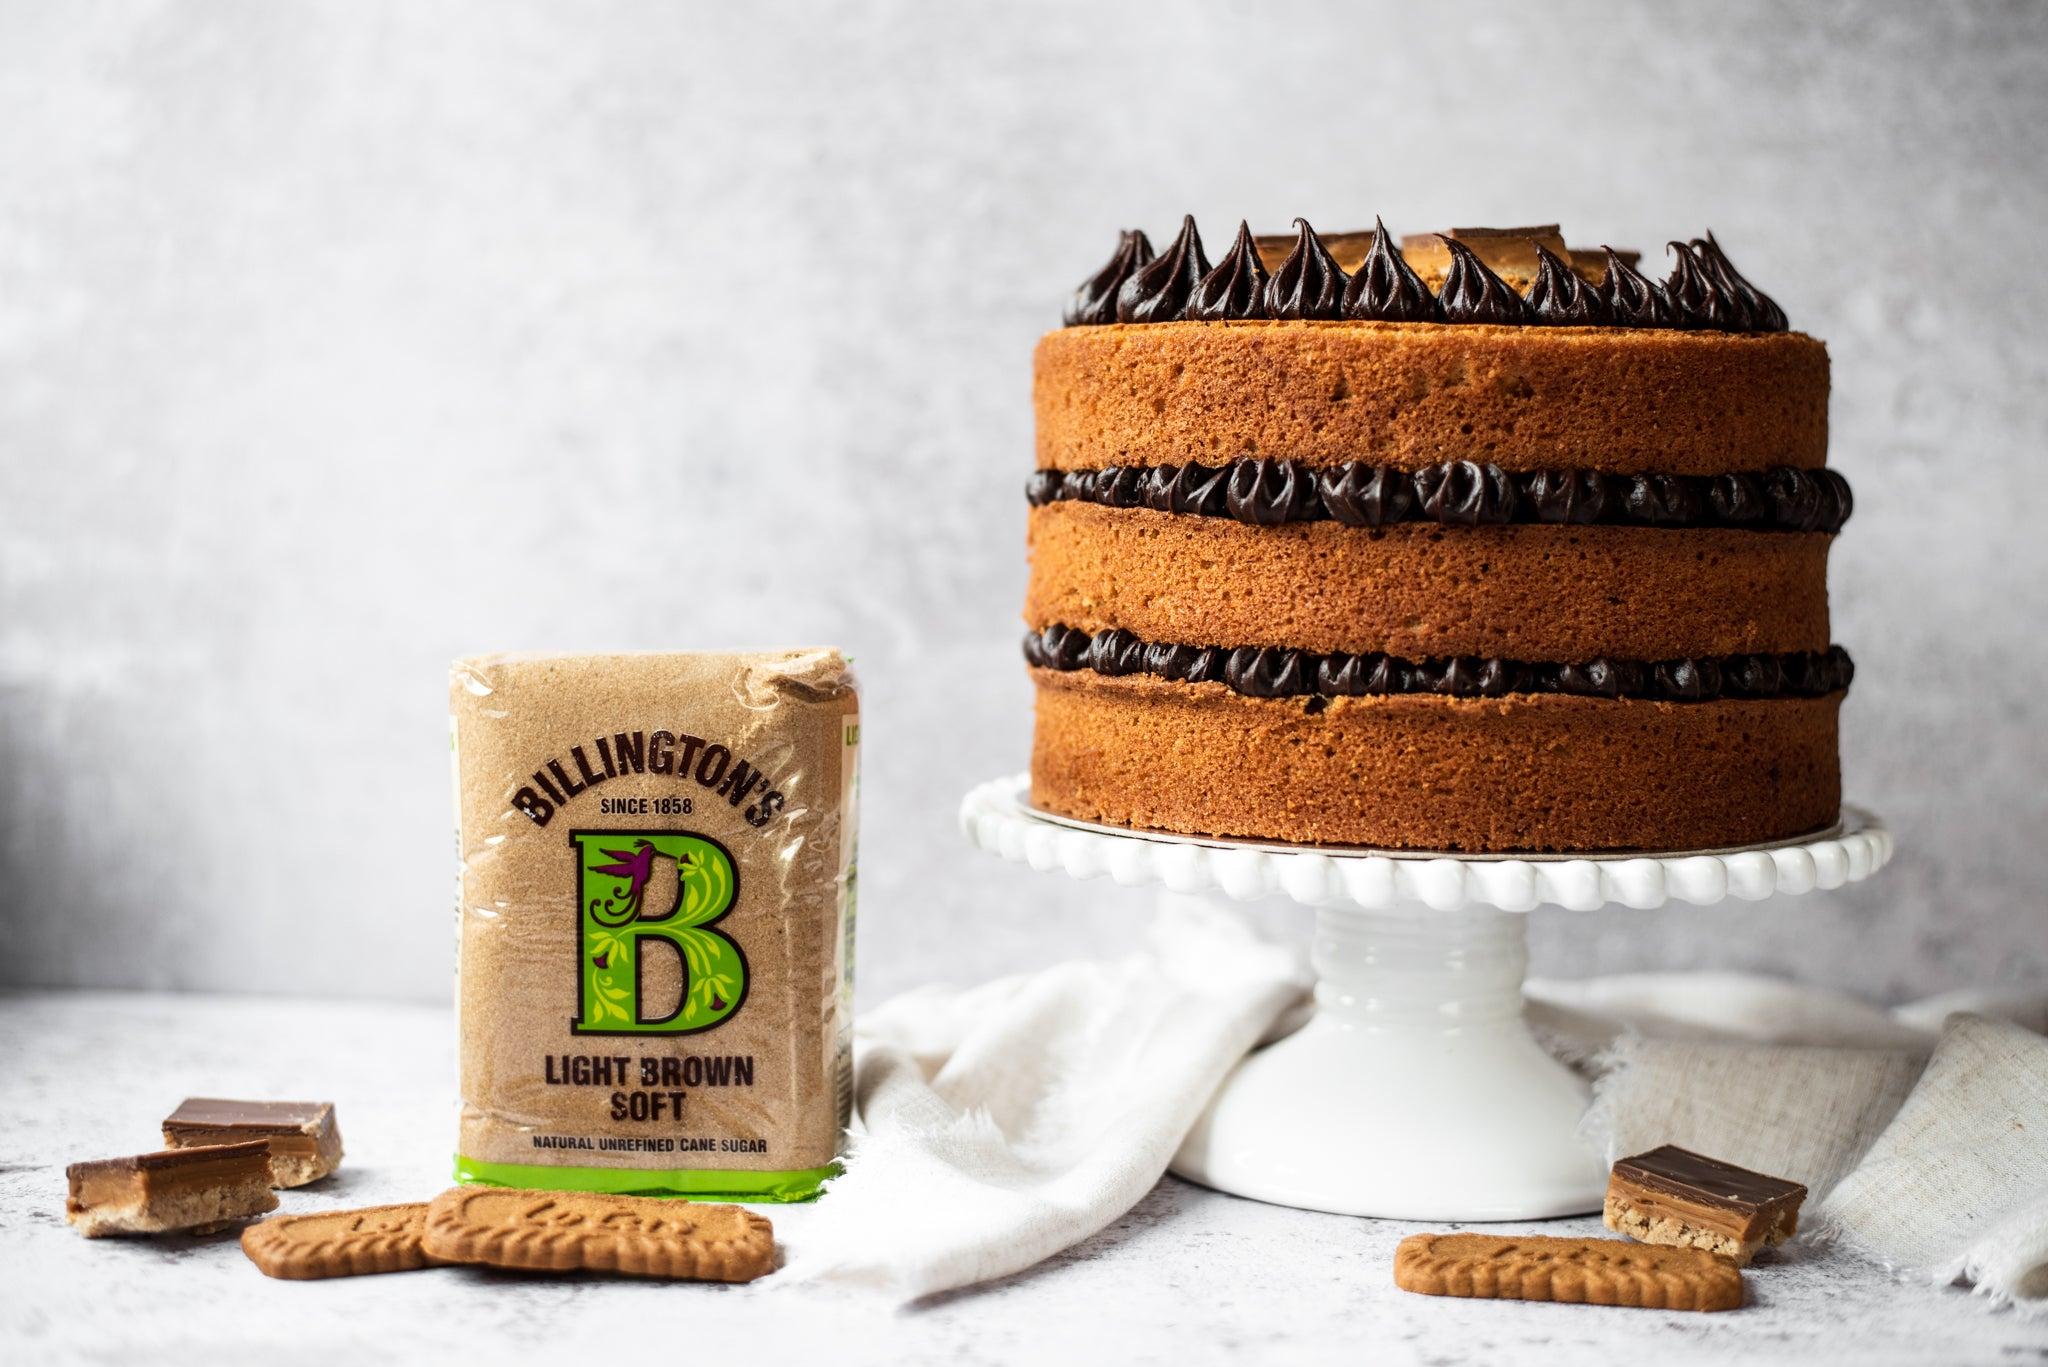 Millionaires-Sponge-Cake-WEB-RES-5.jpg